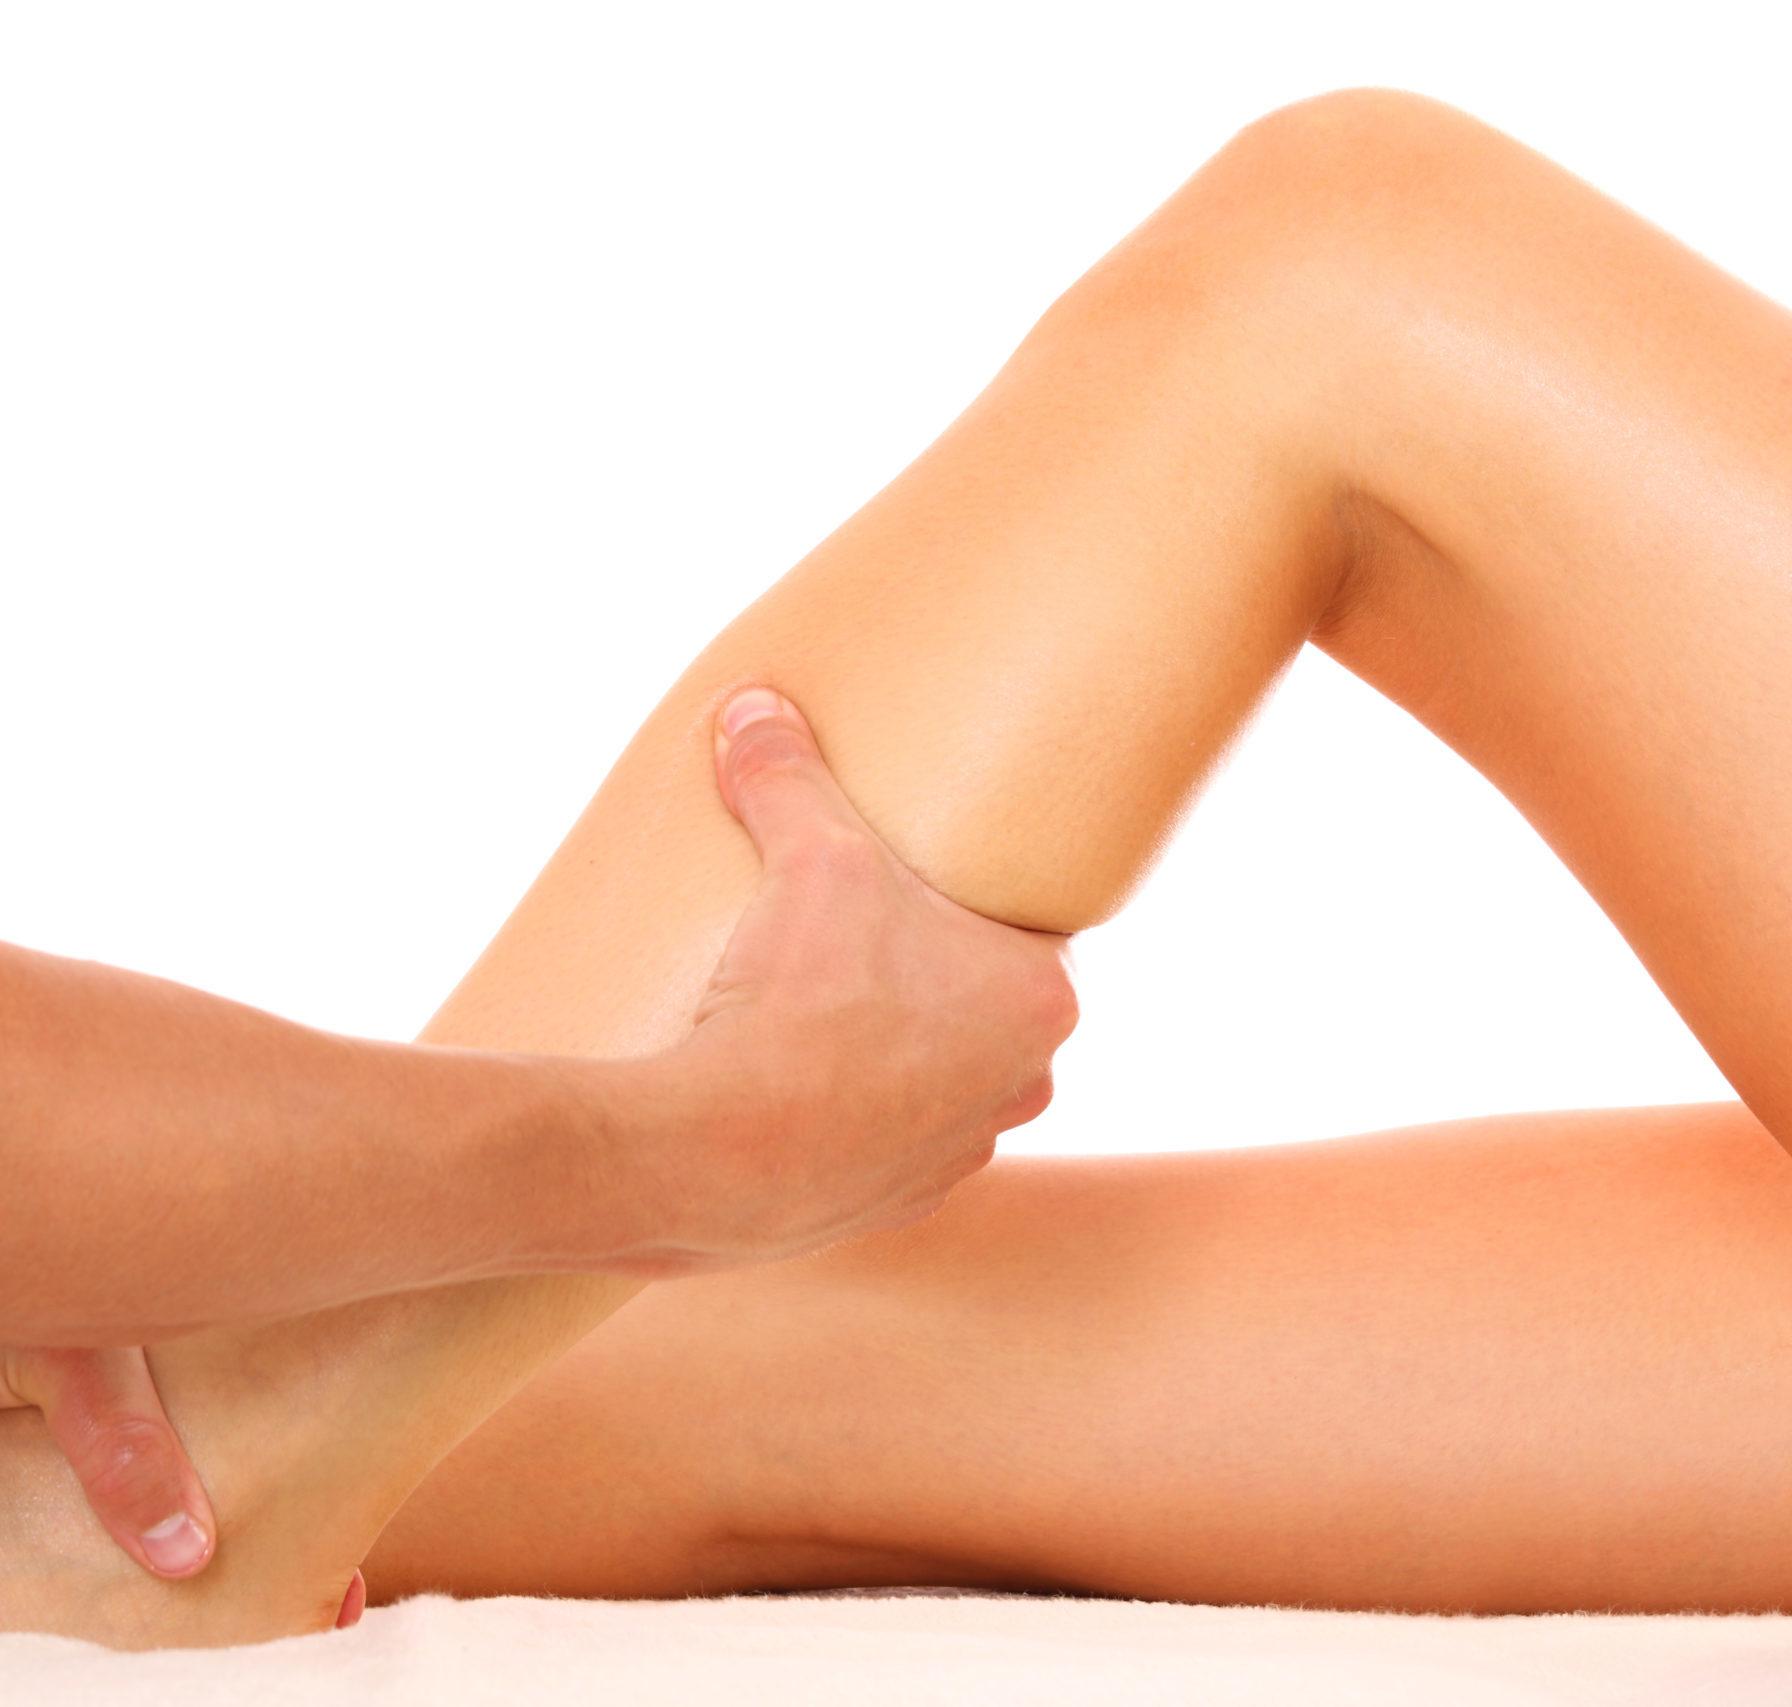 Leziunile ligamentelor colaterale ale genunchiului